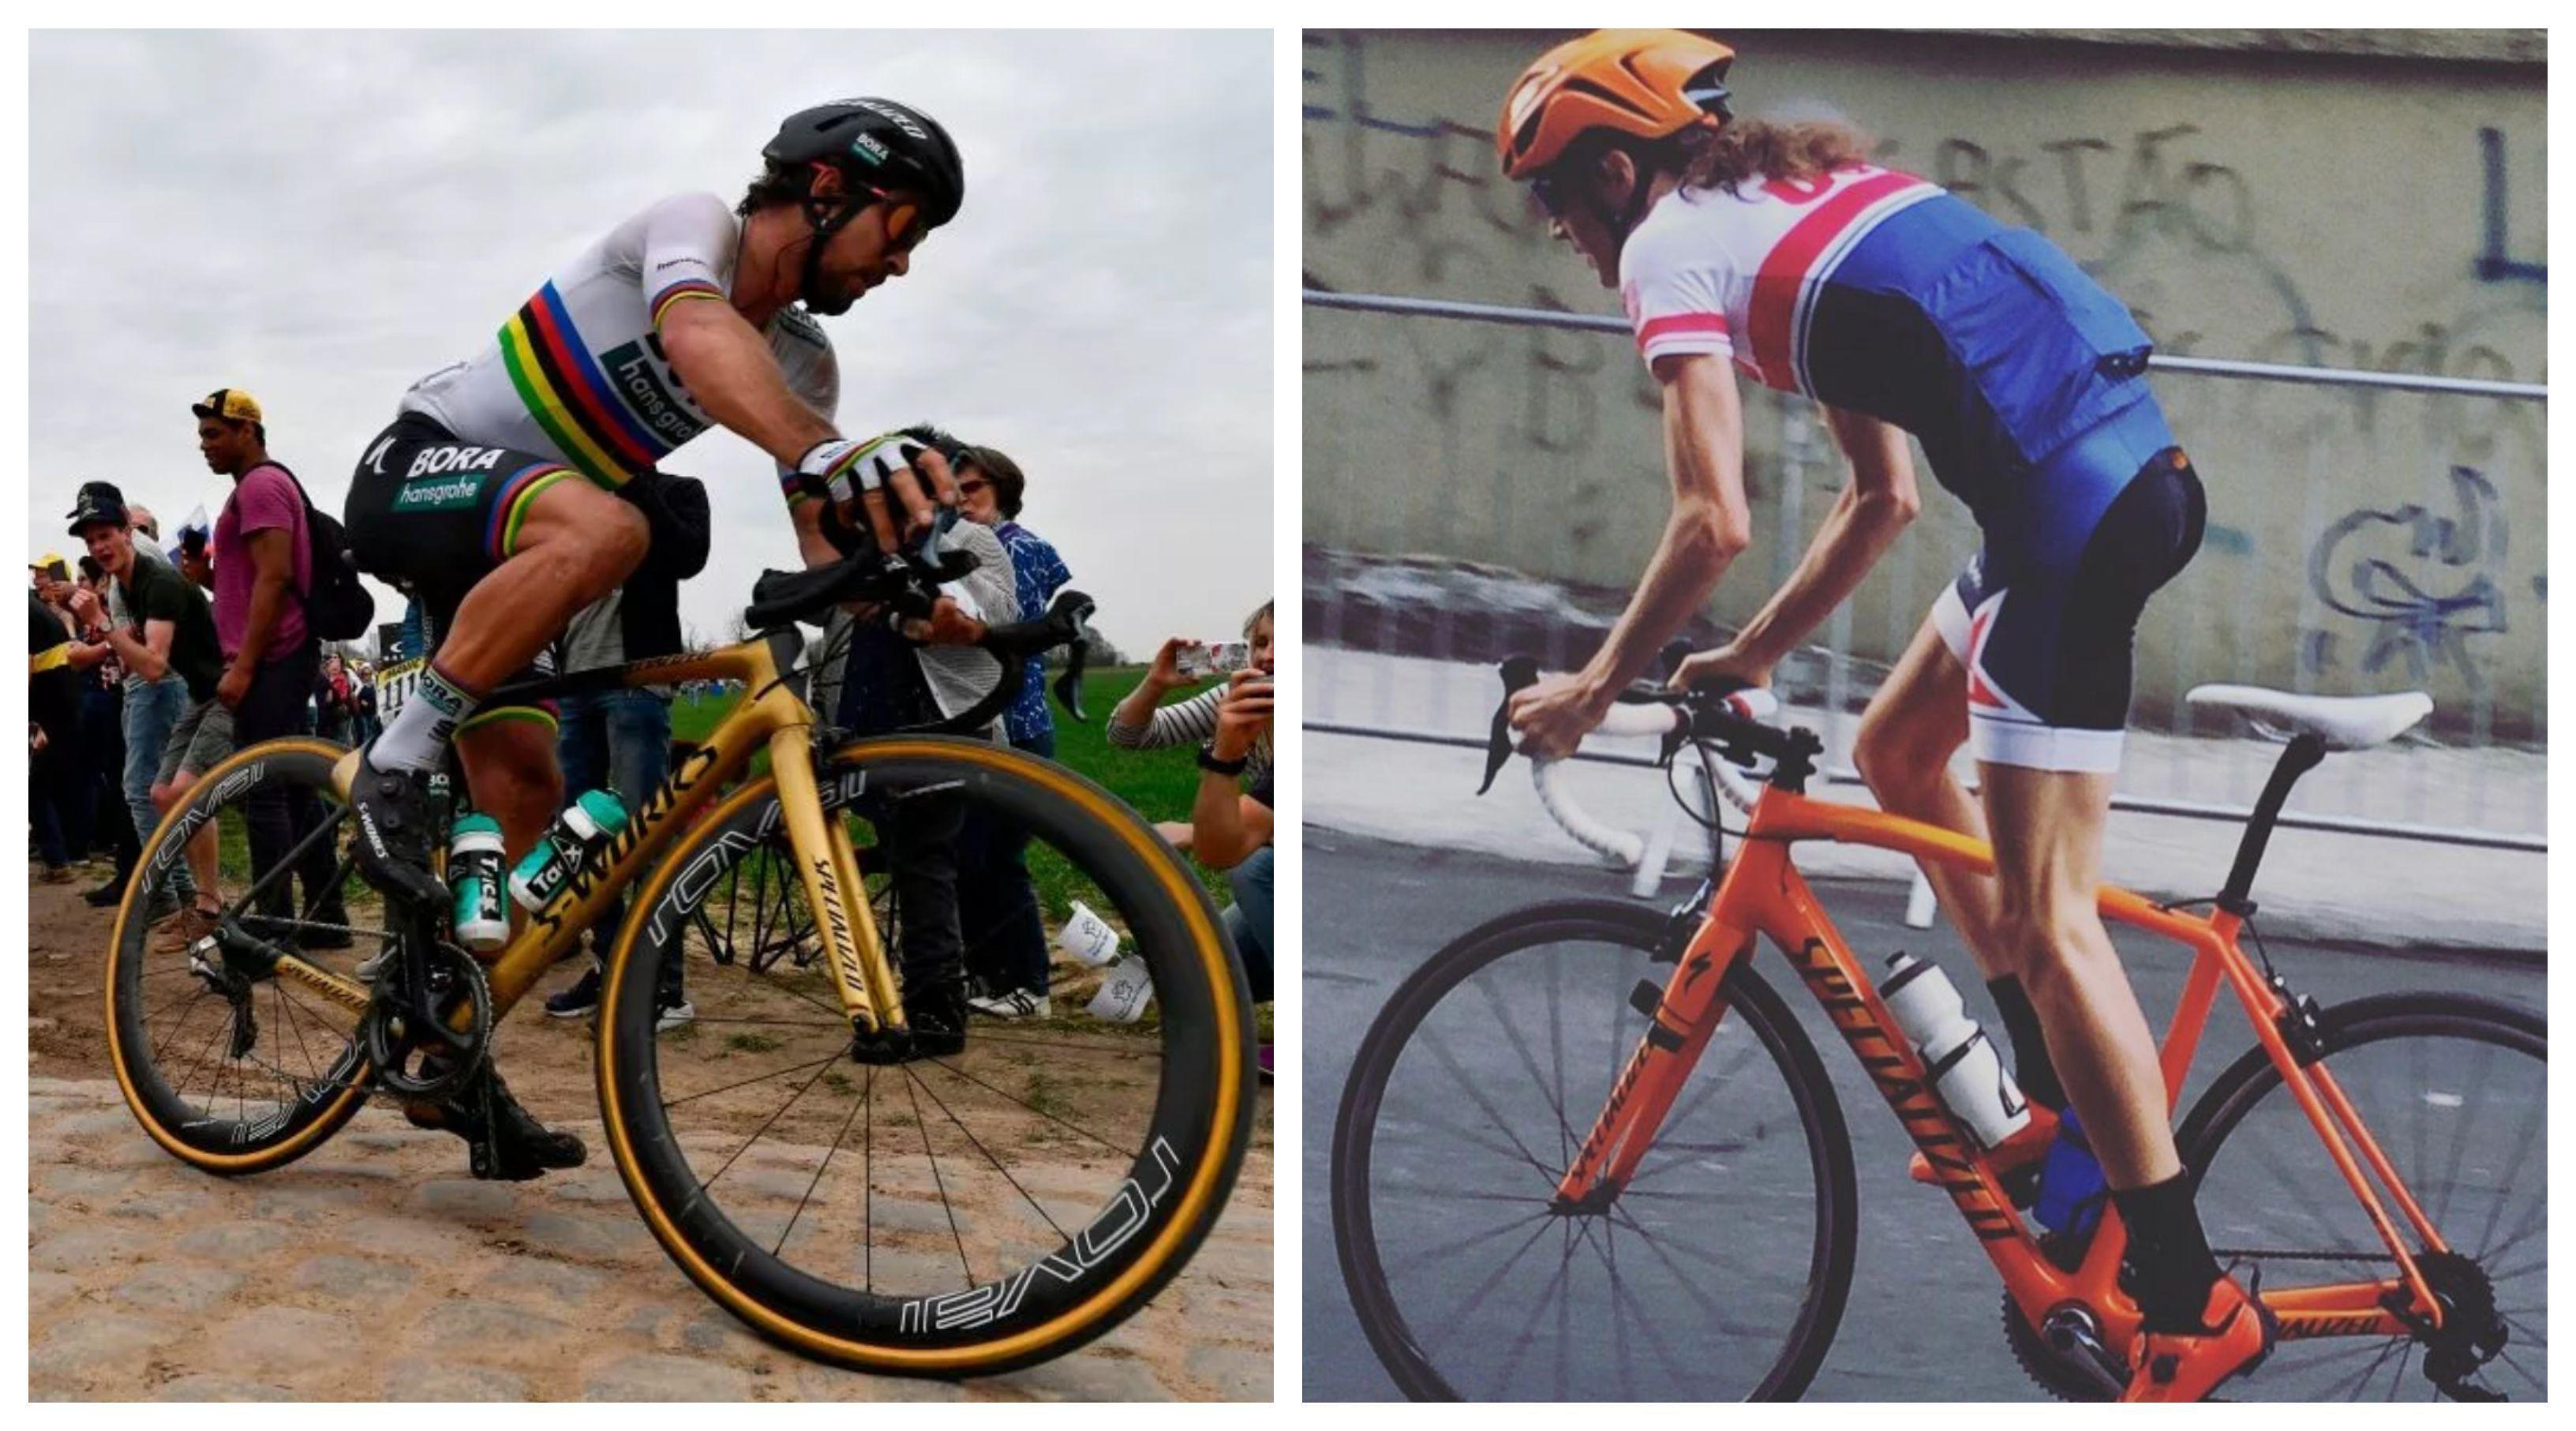 Assalto na Specialized: foram roubadas 16 bicicletas valorizadas em 130.000 euros